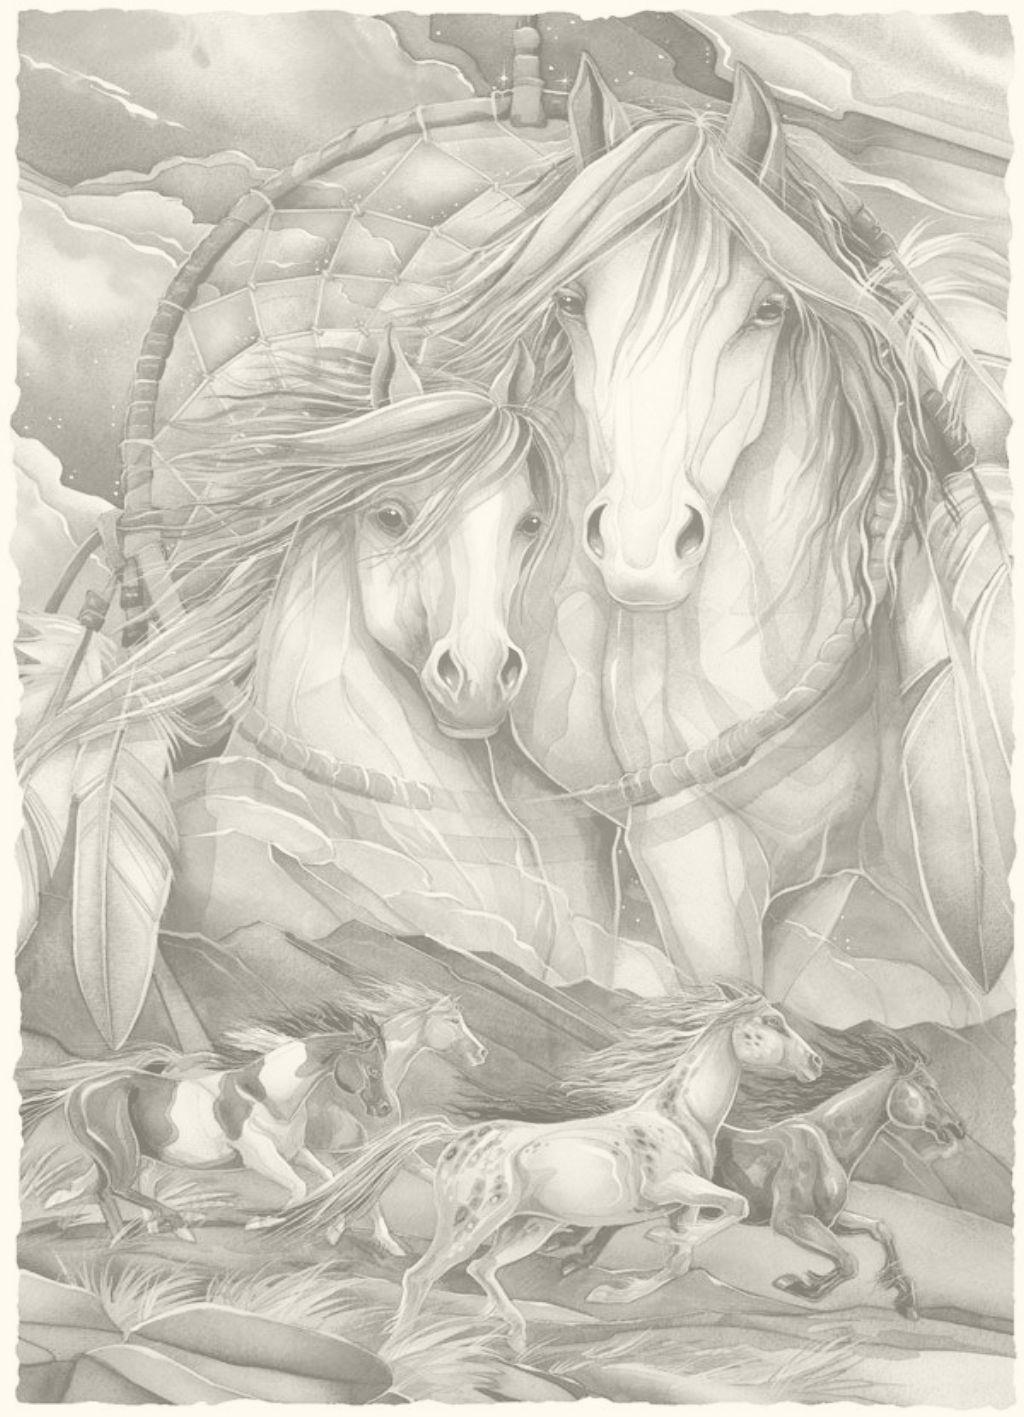 Alle Zwart Wit Platen Zijn Goed Uit De Printen Op 13 18 Cm Paard Tekeningen Paard Kunst Dieren Kleurplaten